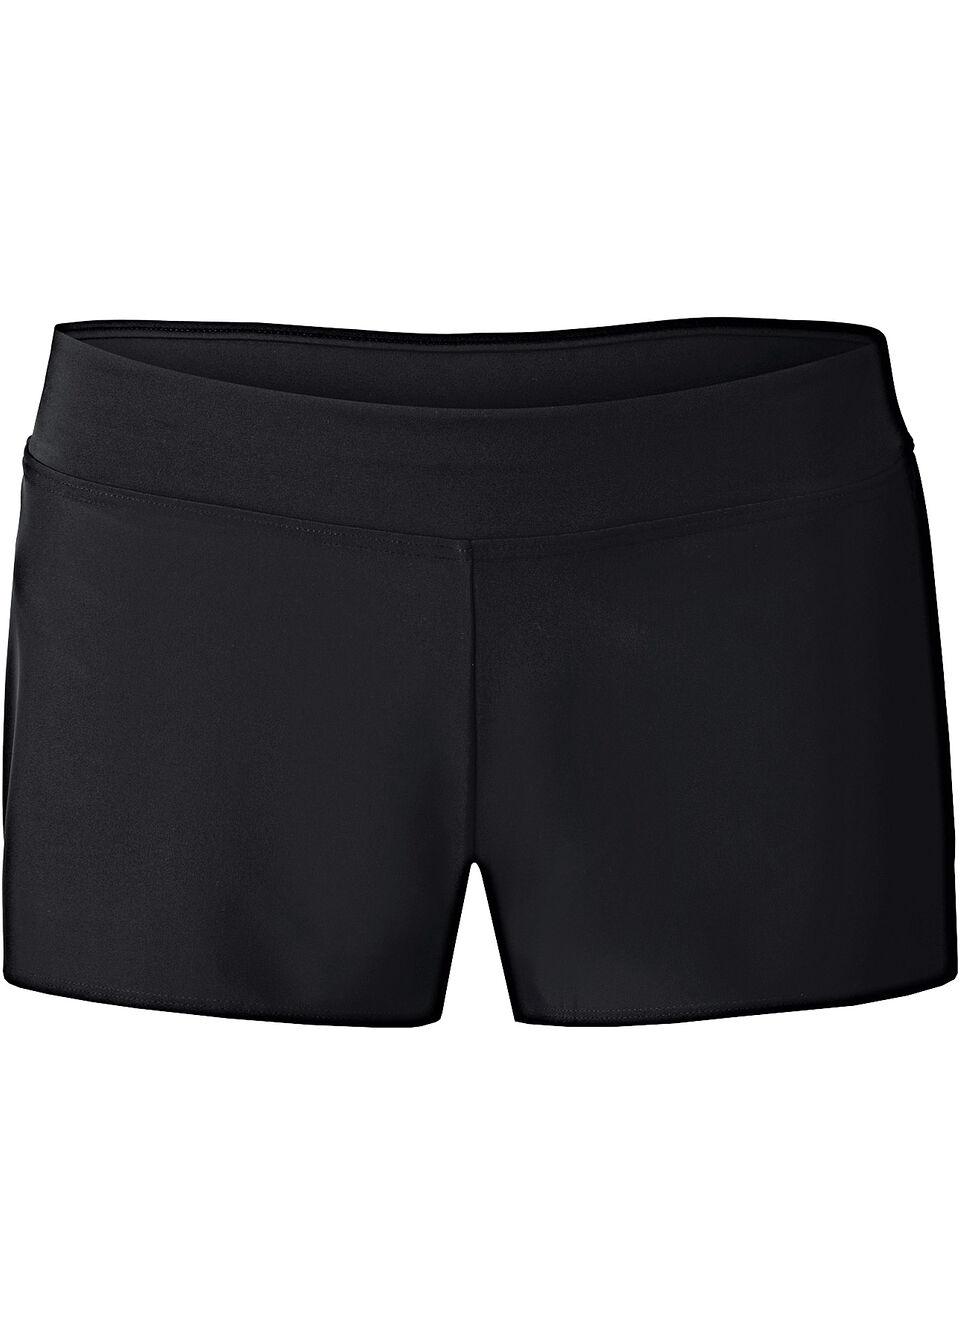 Купальные шорты от bonprix